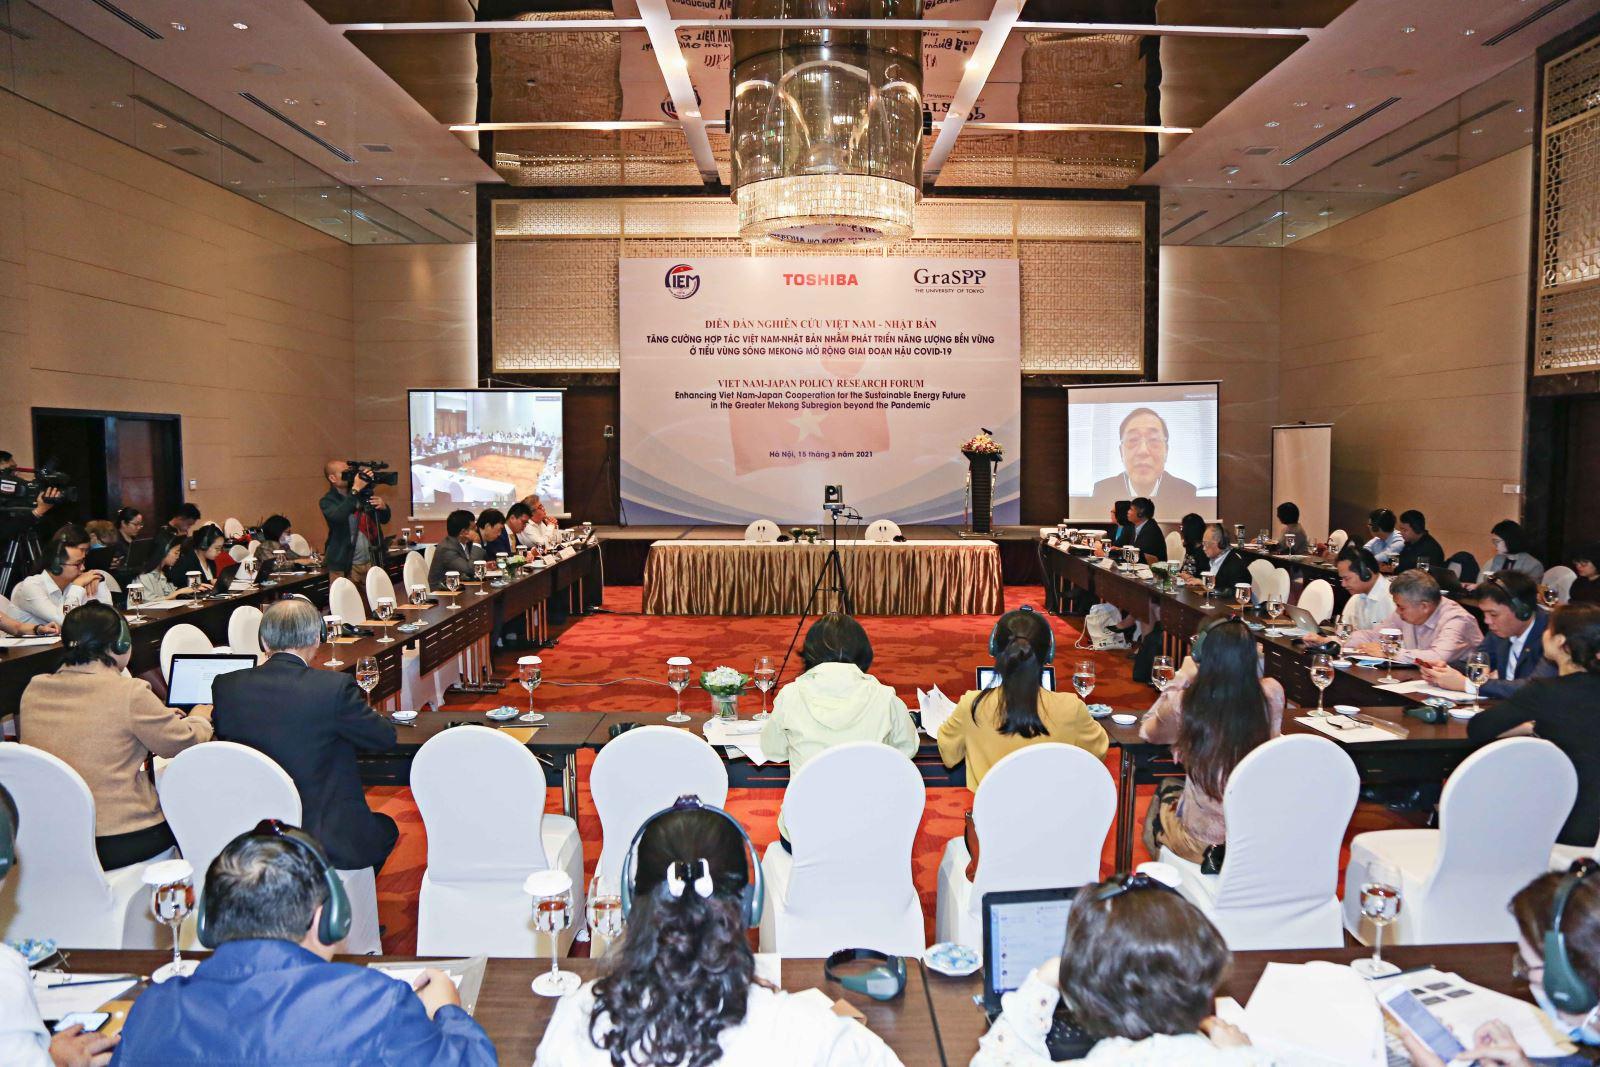 Diễn đàn Tăng cường hợp tác Việt Nam - Nhật Bản nhằm phát triển năng lượng bền vững ở tiểu vùng sông Mê kông mở rộng giai đoạn hậu Covid-19